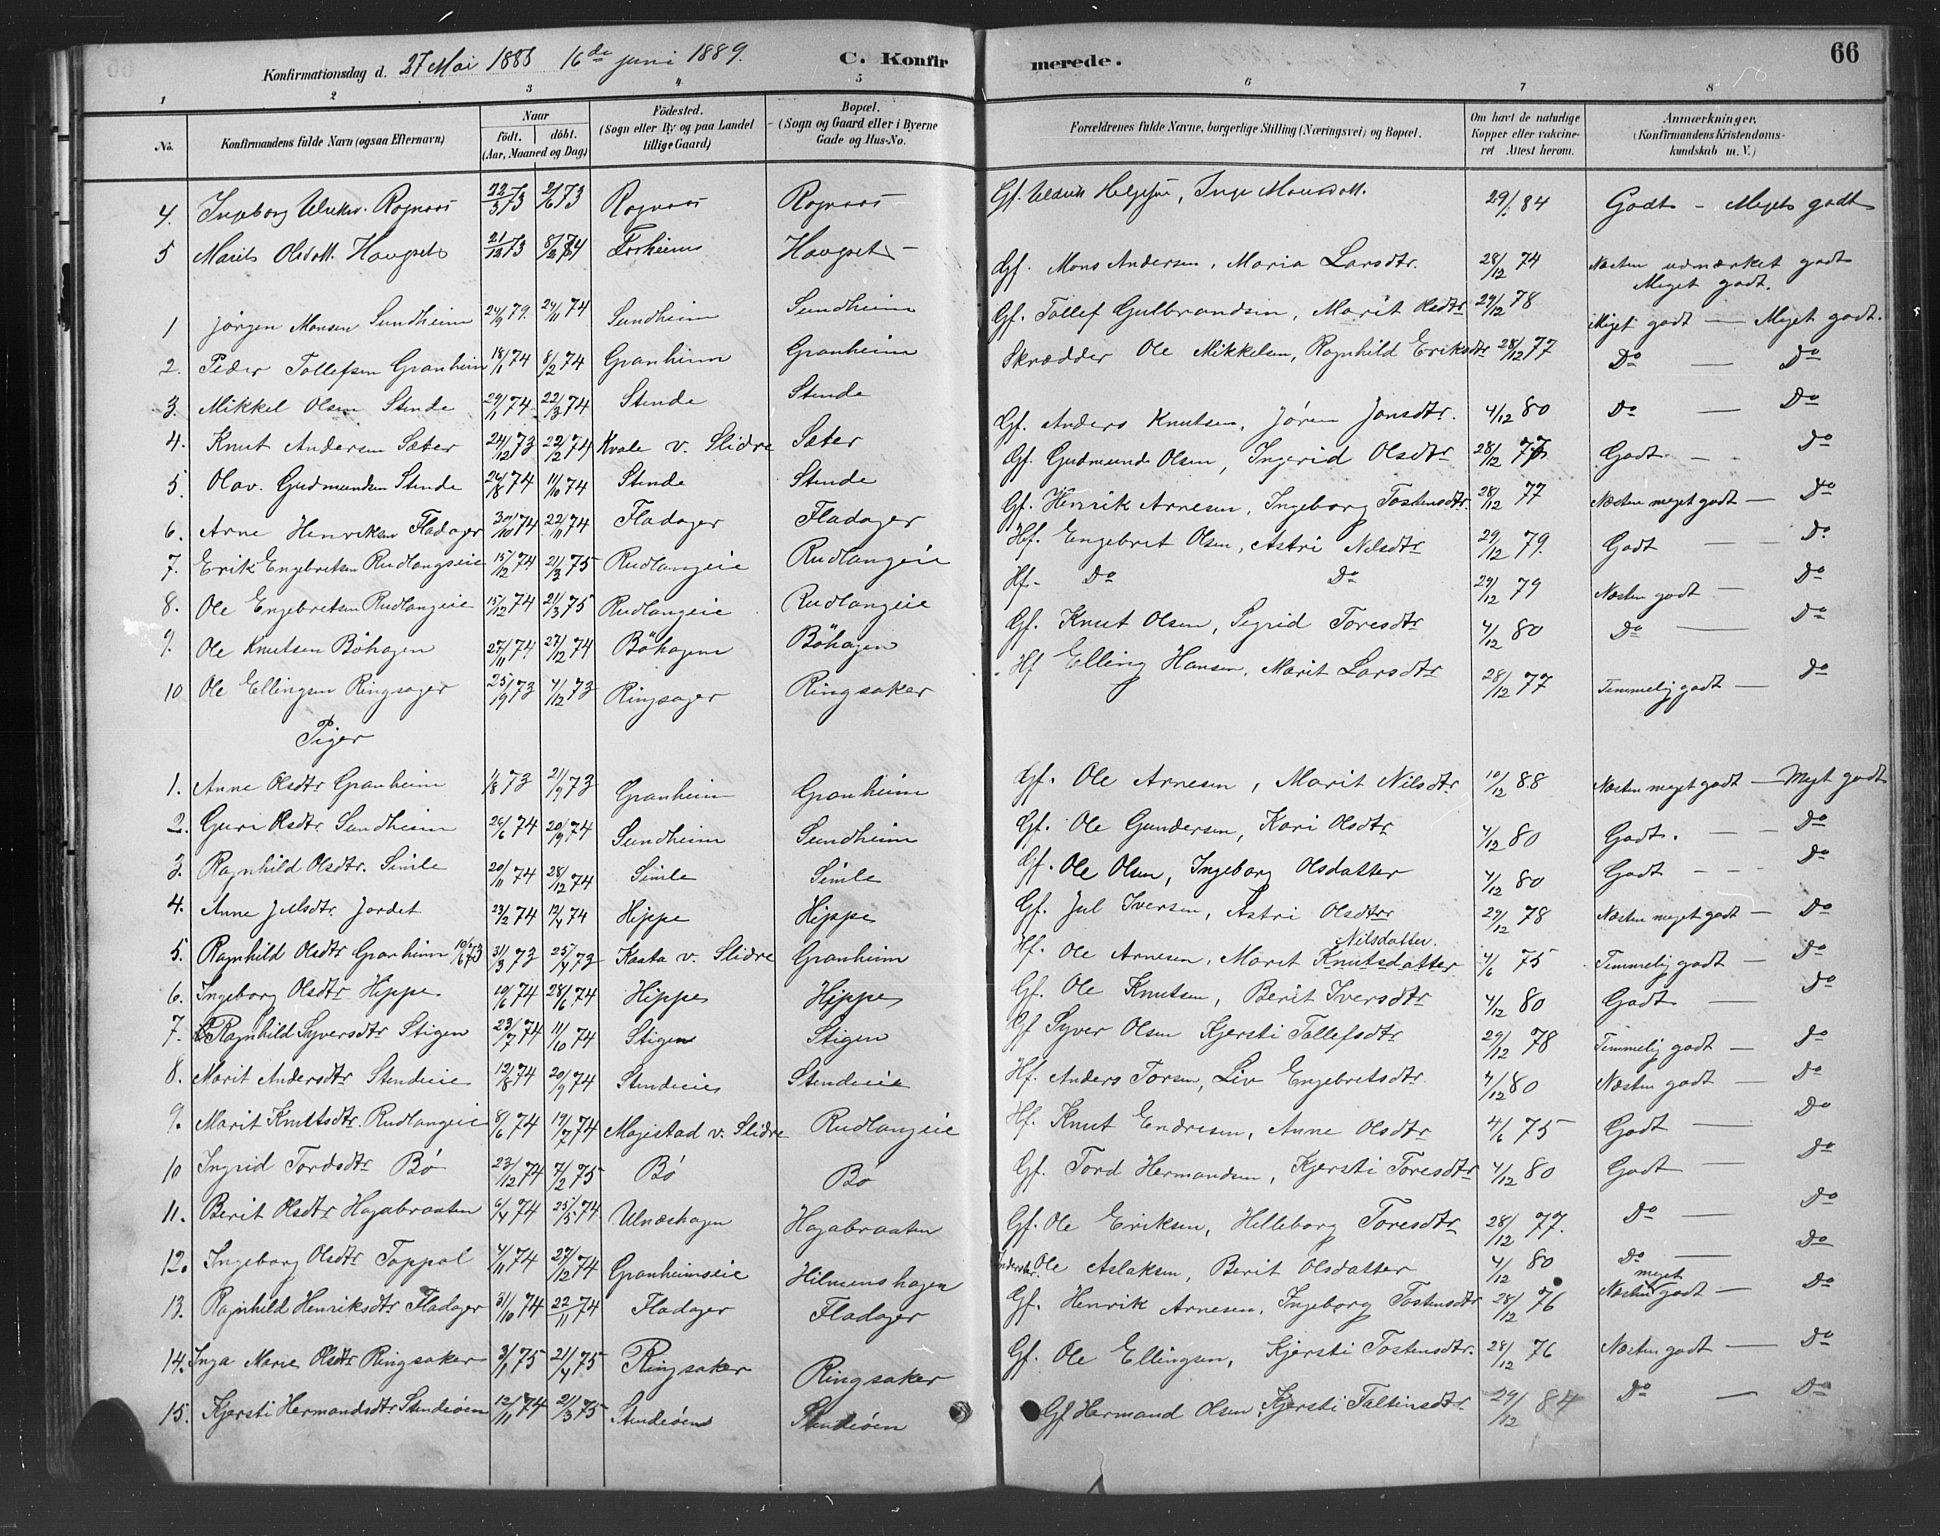 SAH, Nord-Aurdal prestekontor, Klokkerbok nr. 8, 1883-1916, s. 66